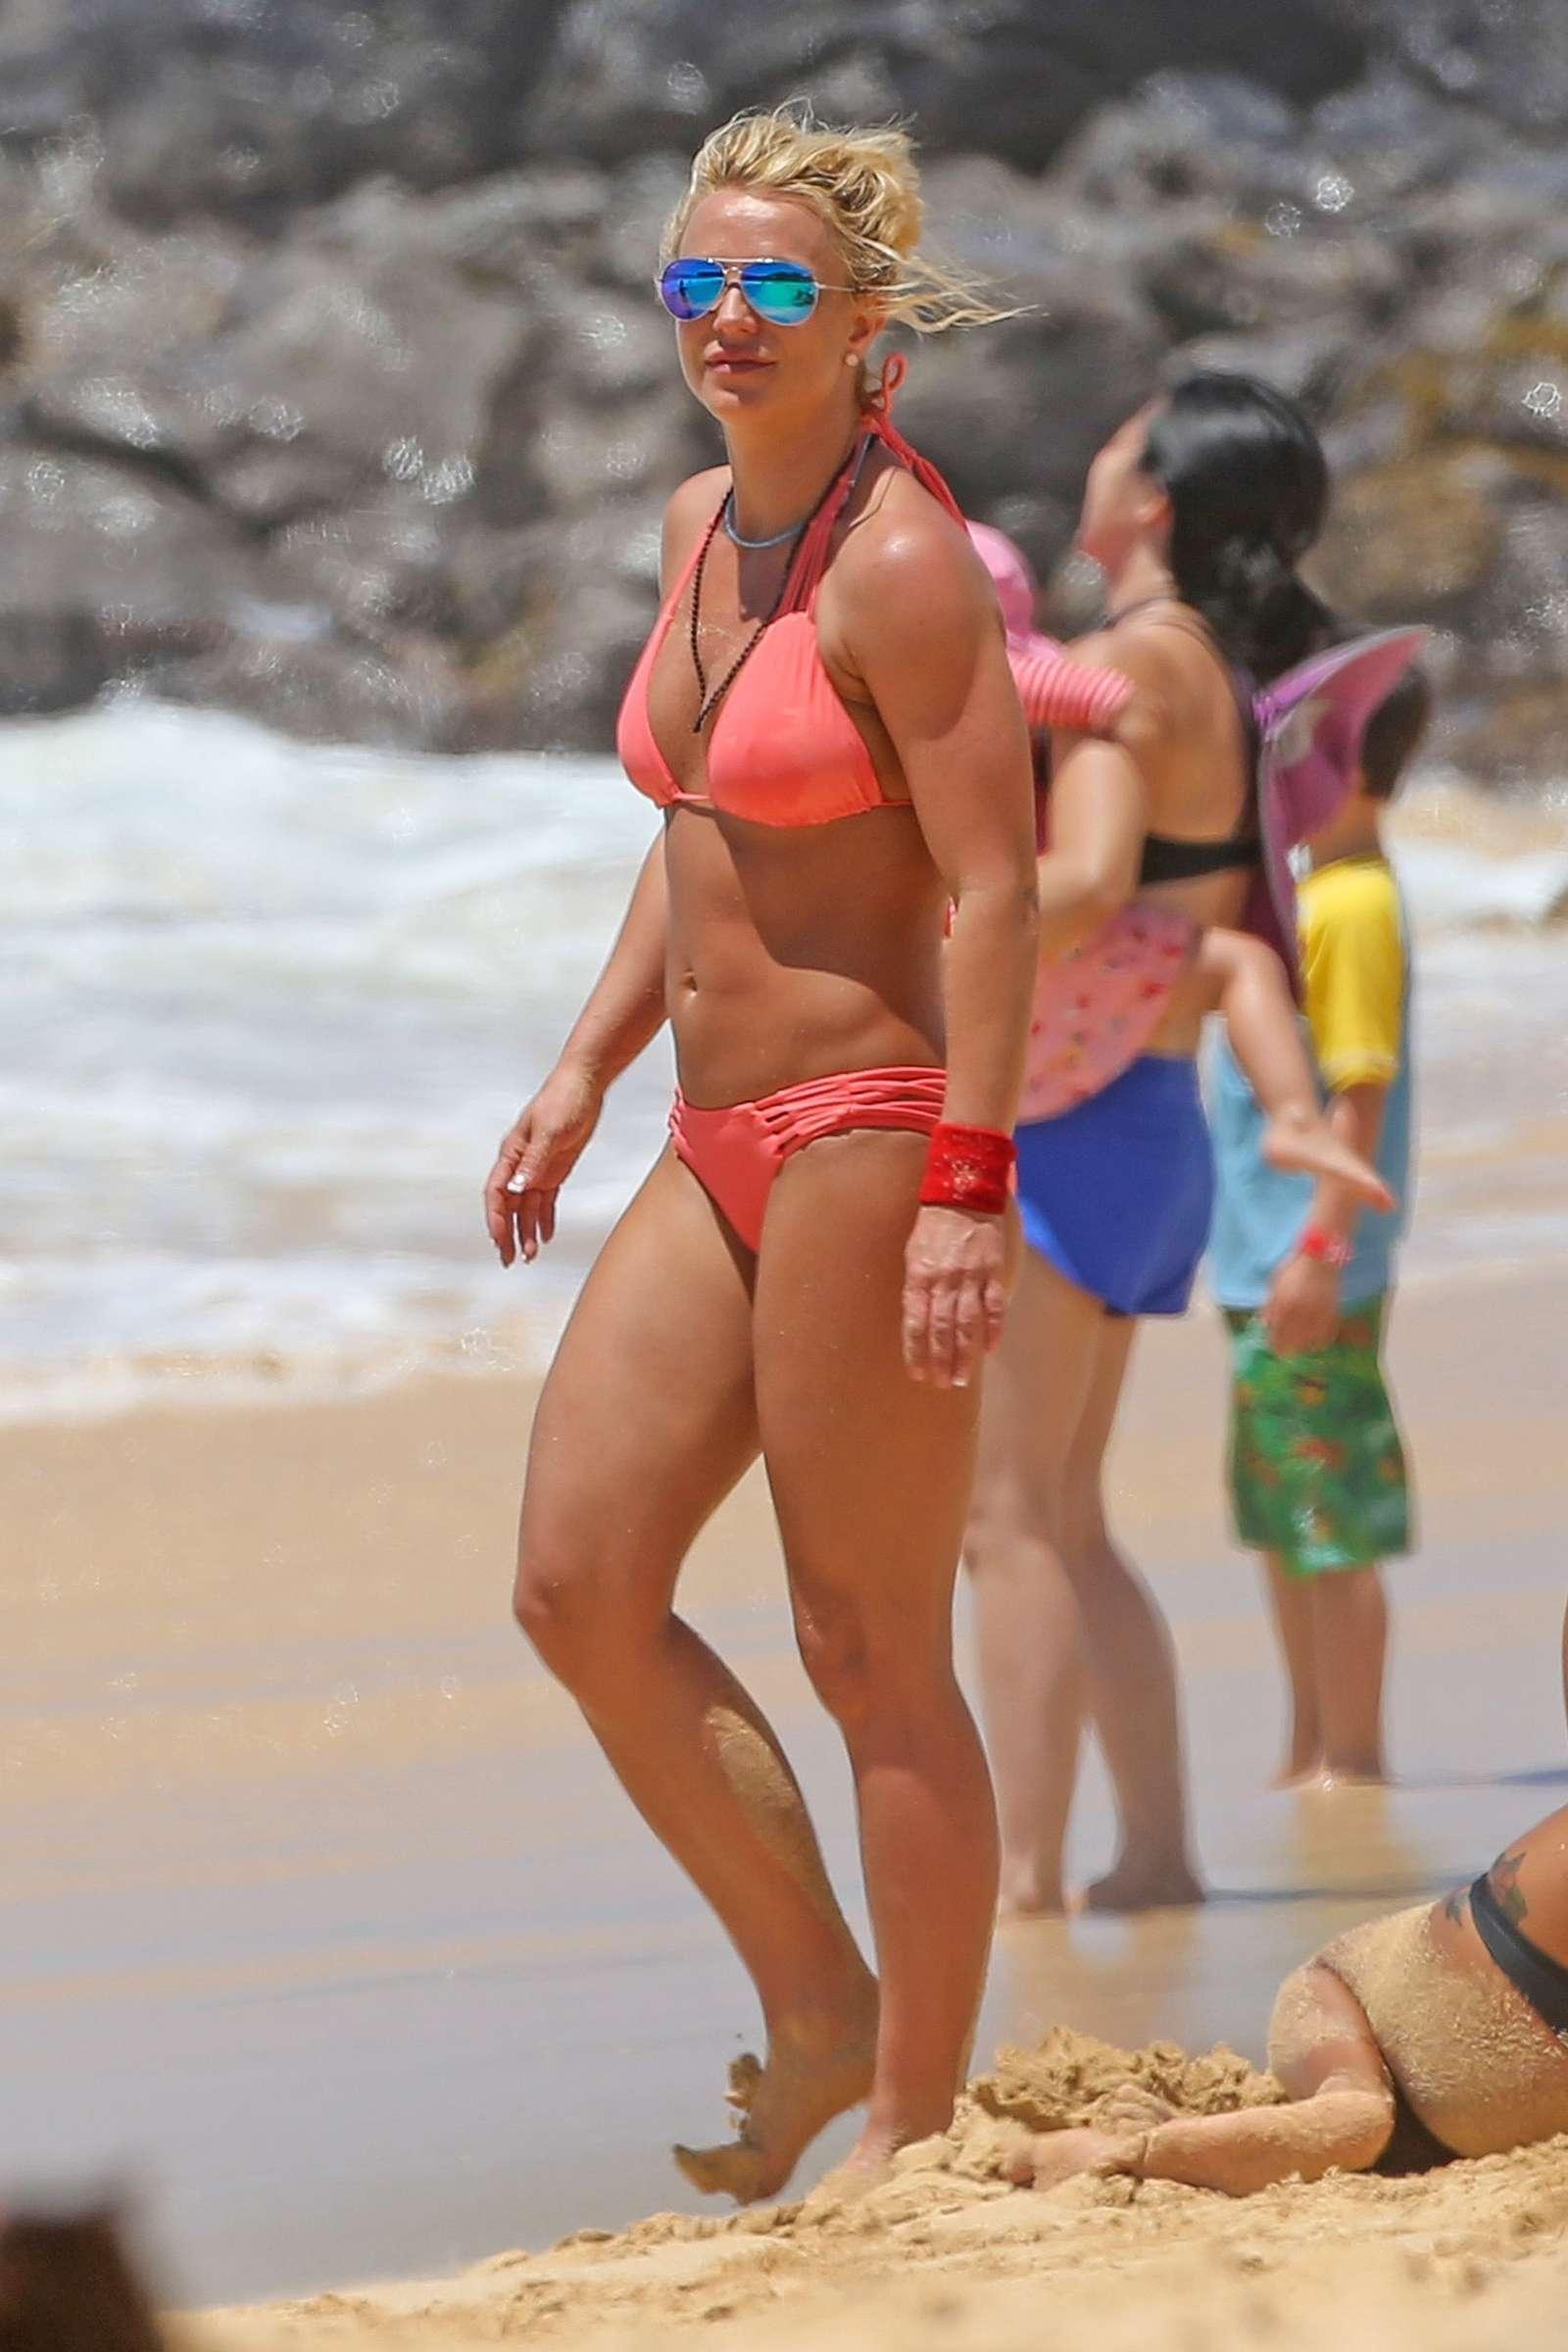 Шалавы фото английские знаменитости на пляже голая